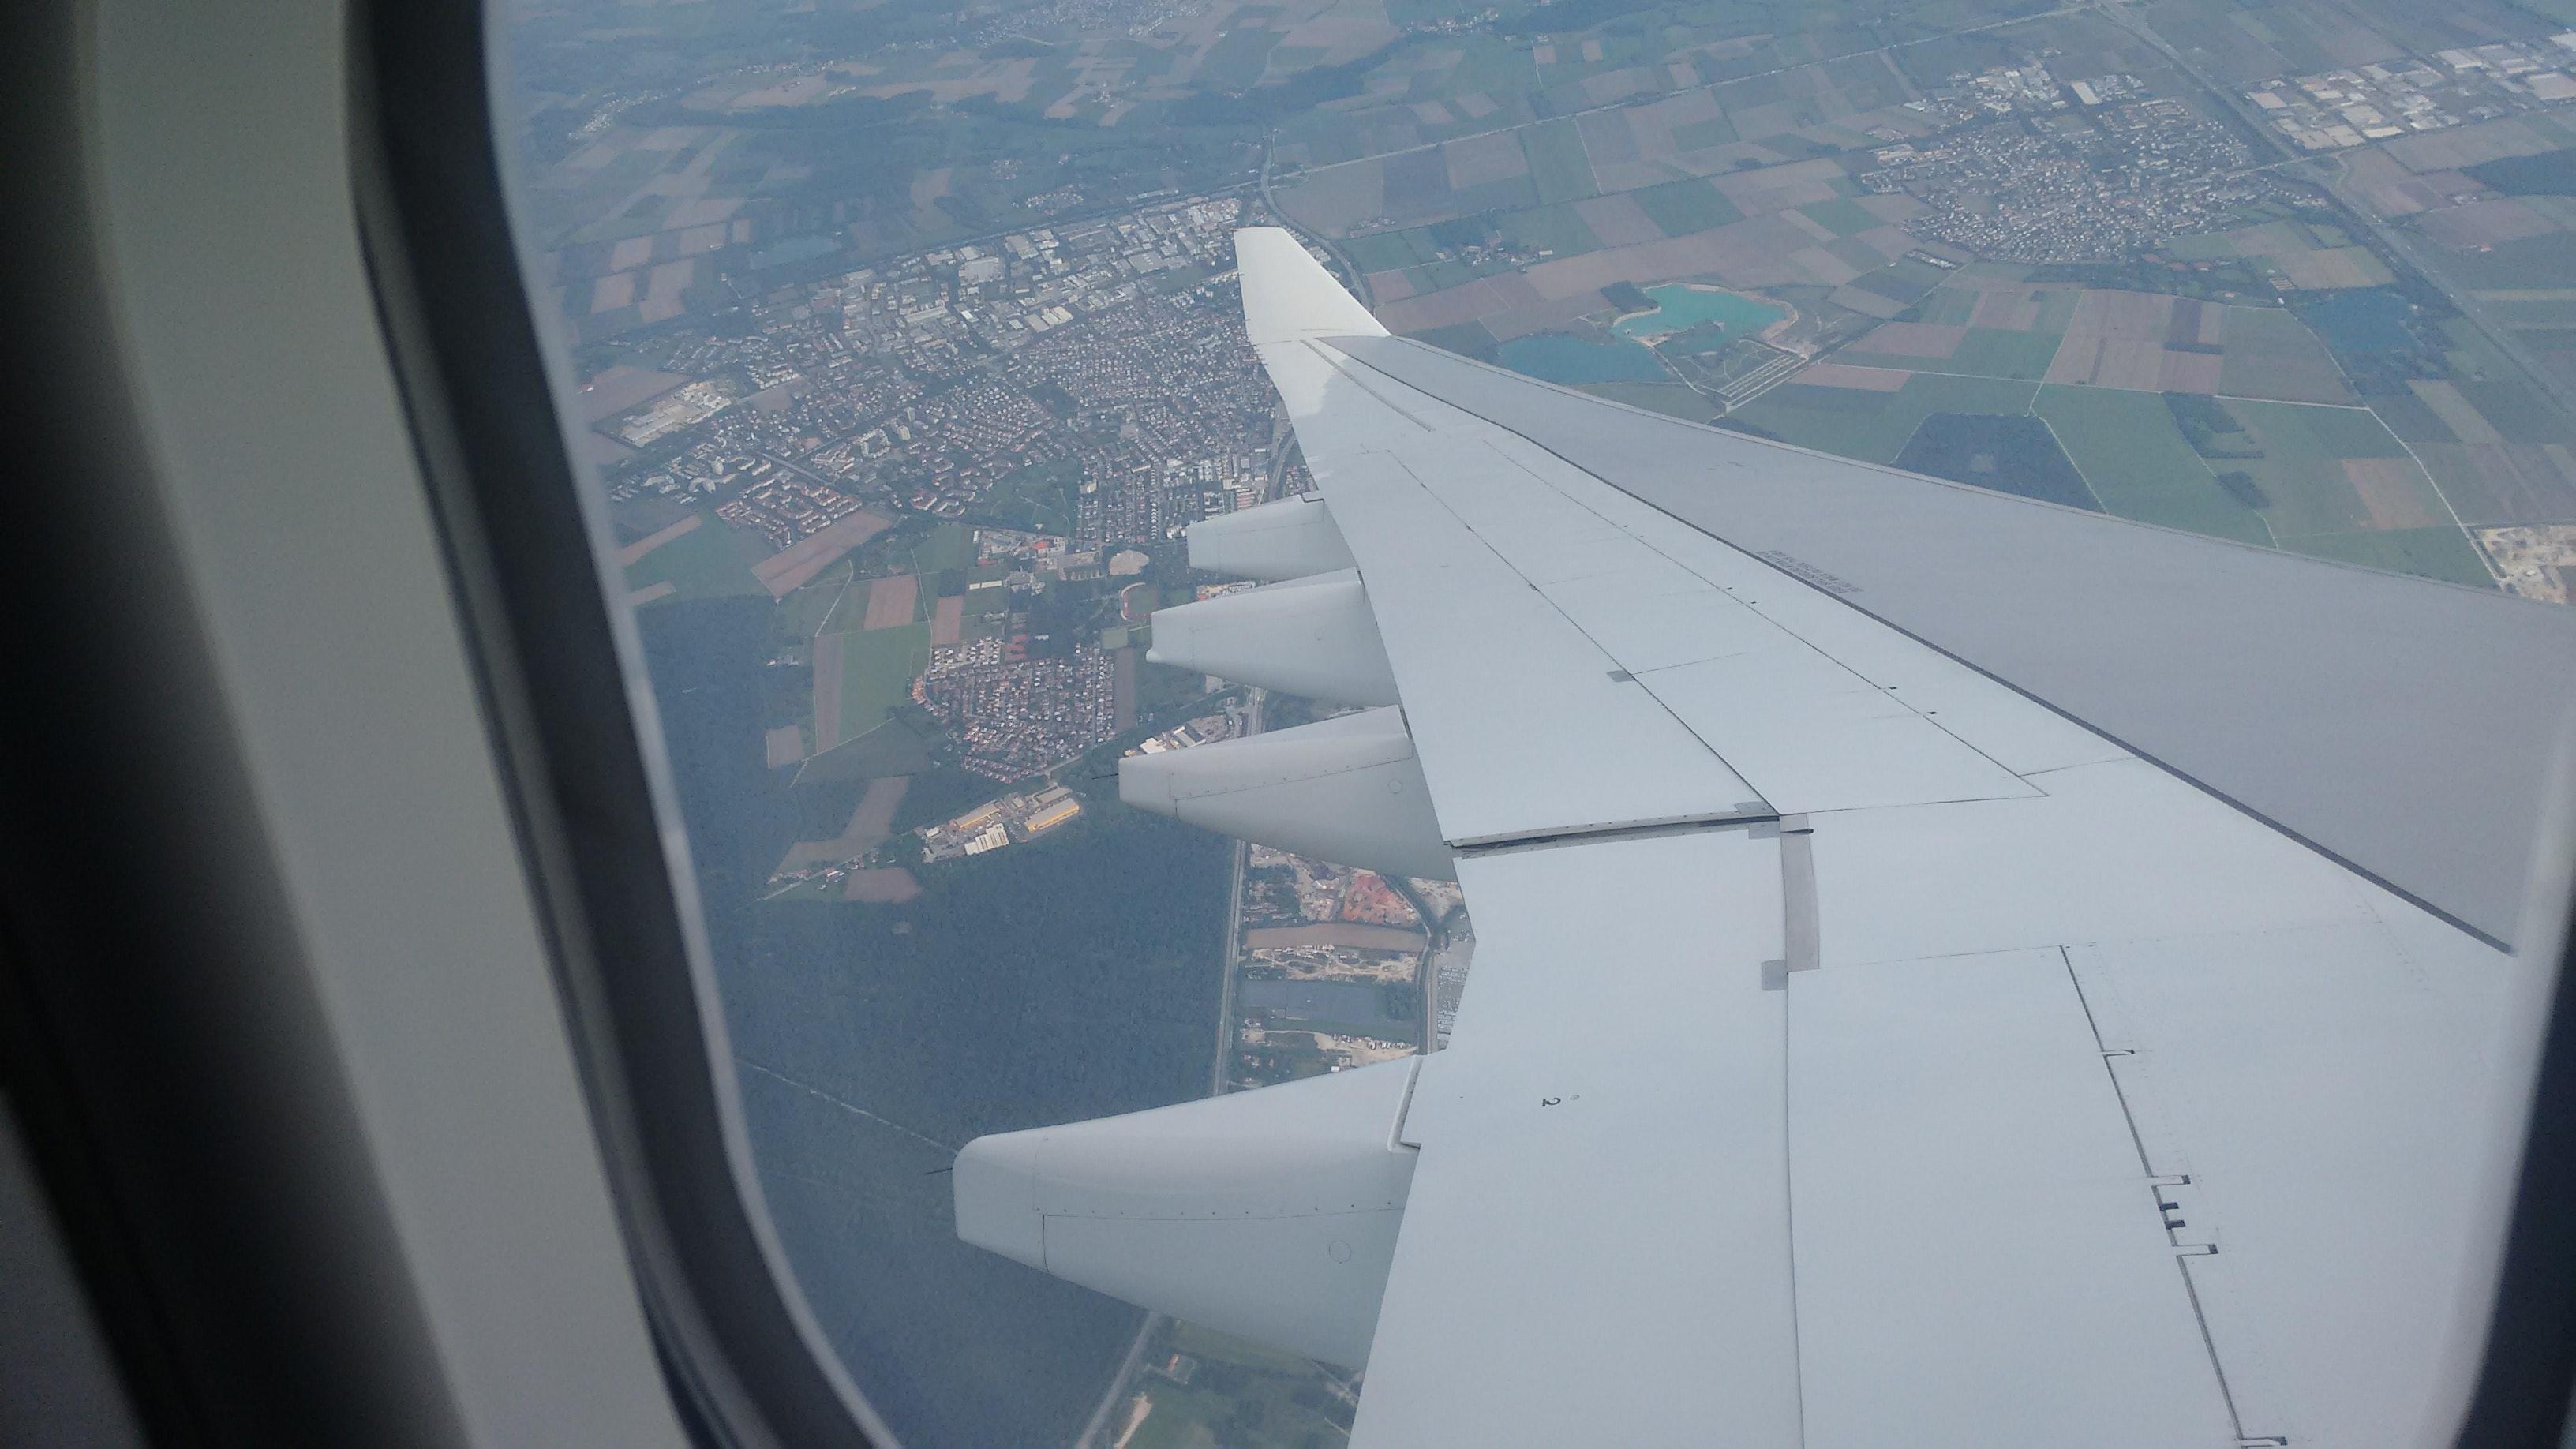 HÌnh ảnh cánh máy bay nhìn qua cửa sổ